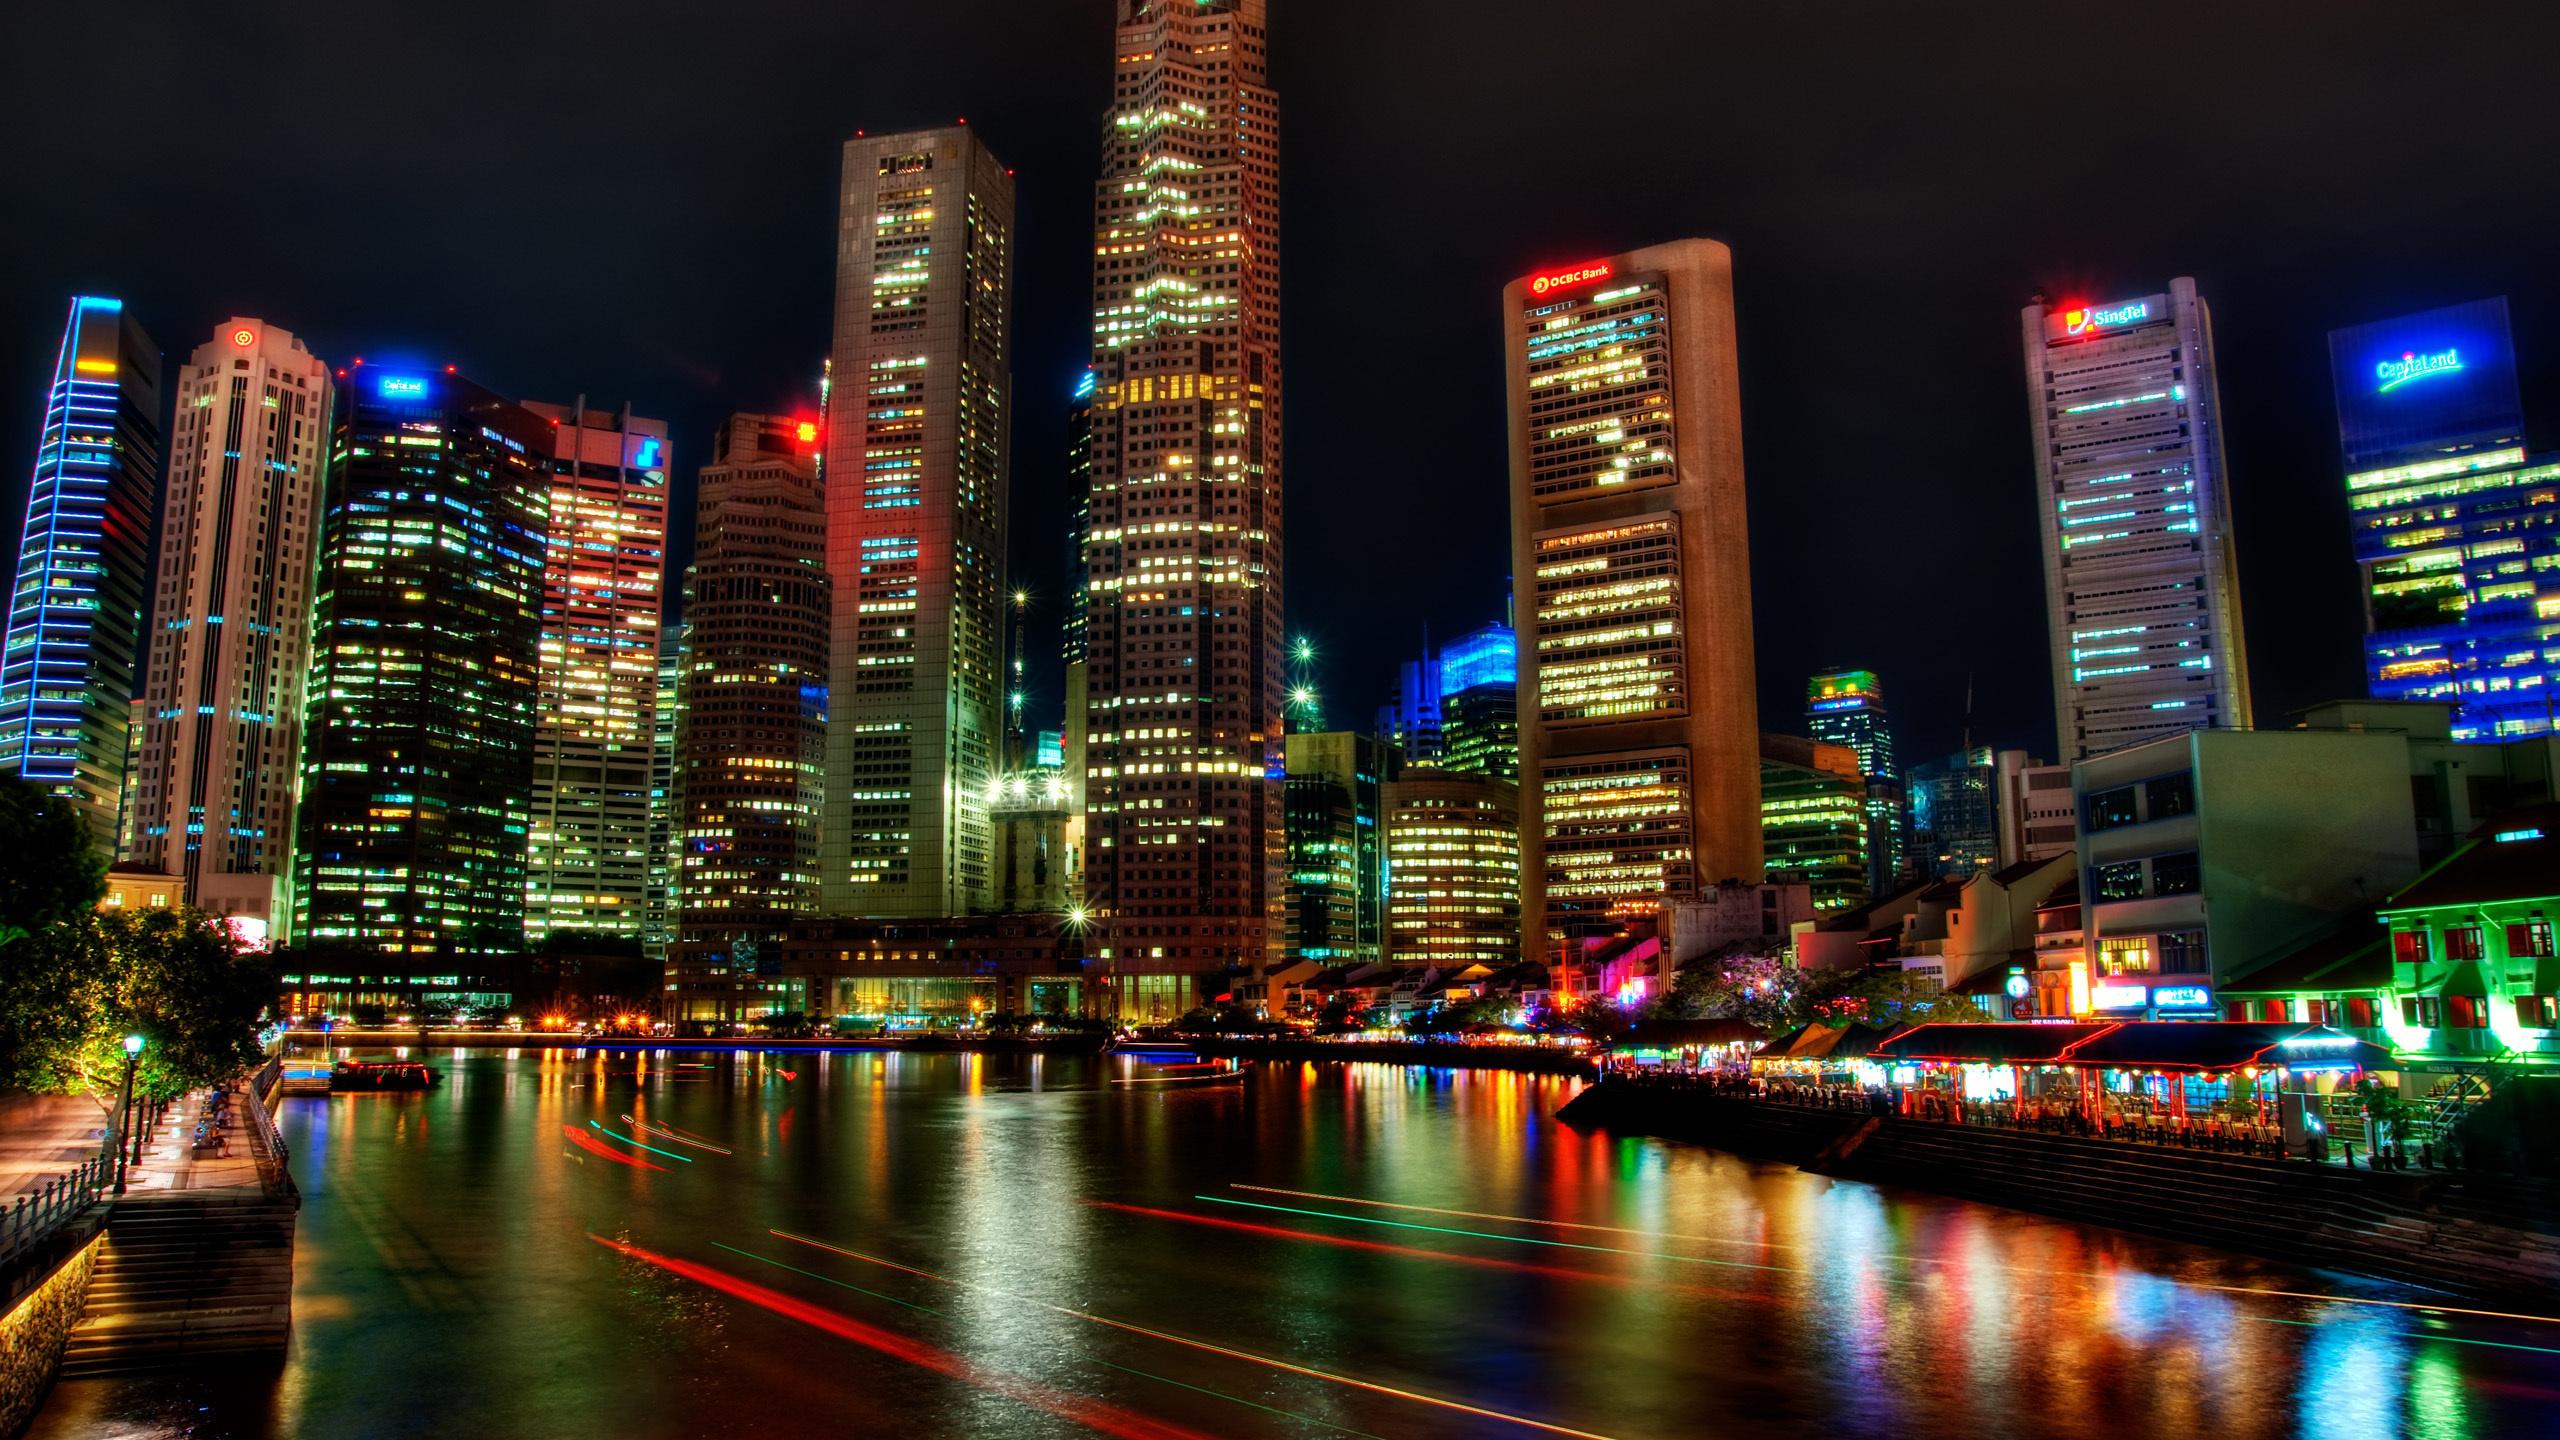 различные узоры картинки мегаполиса ночью можно сжечь